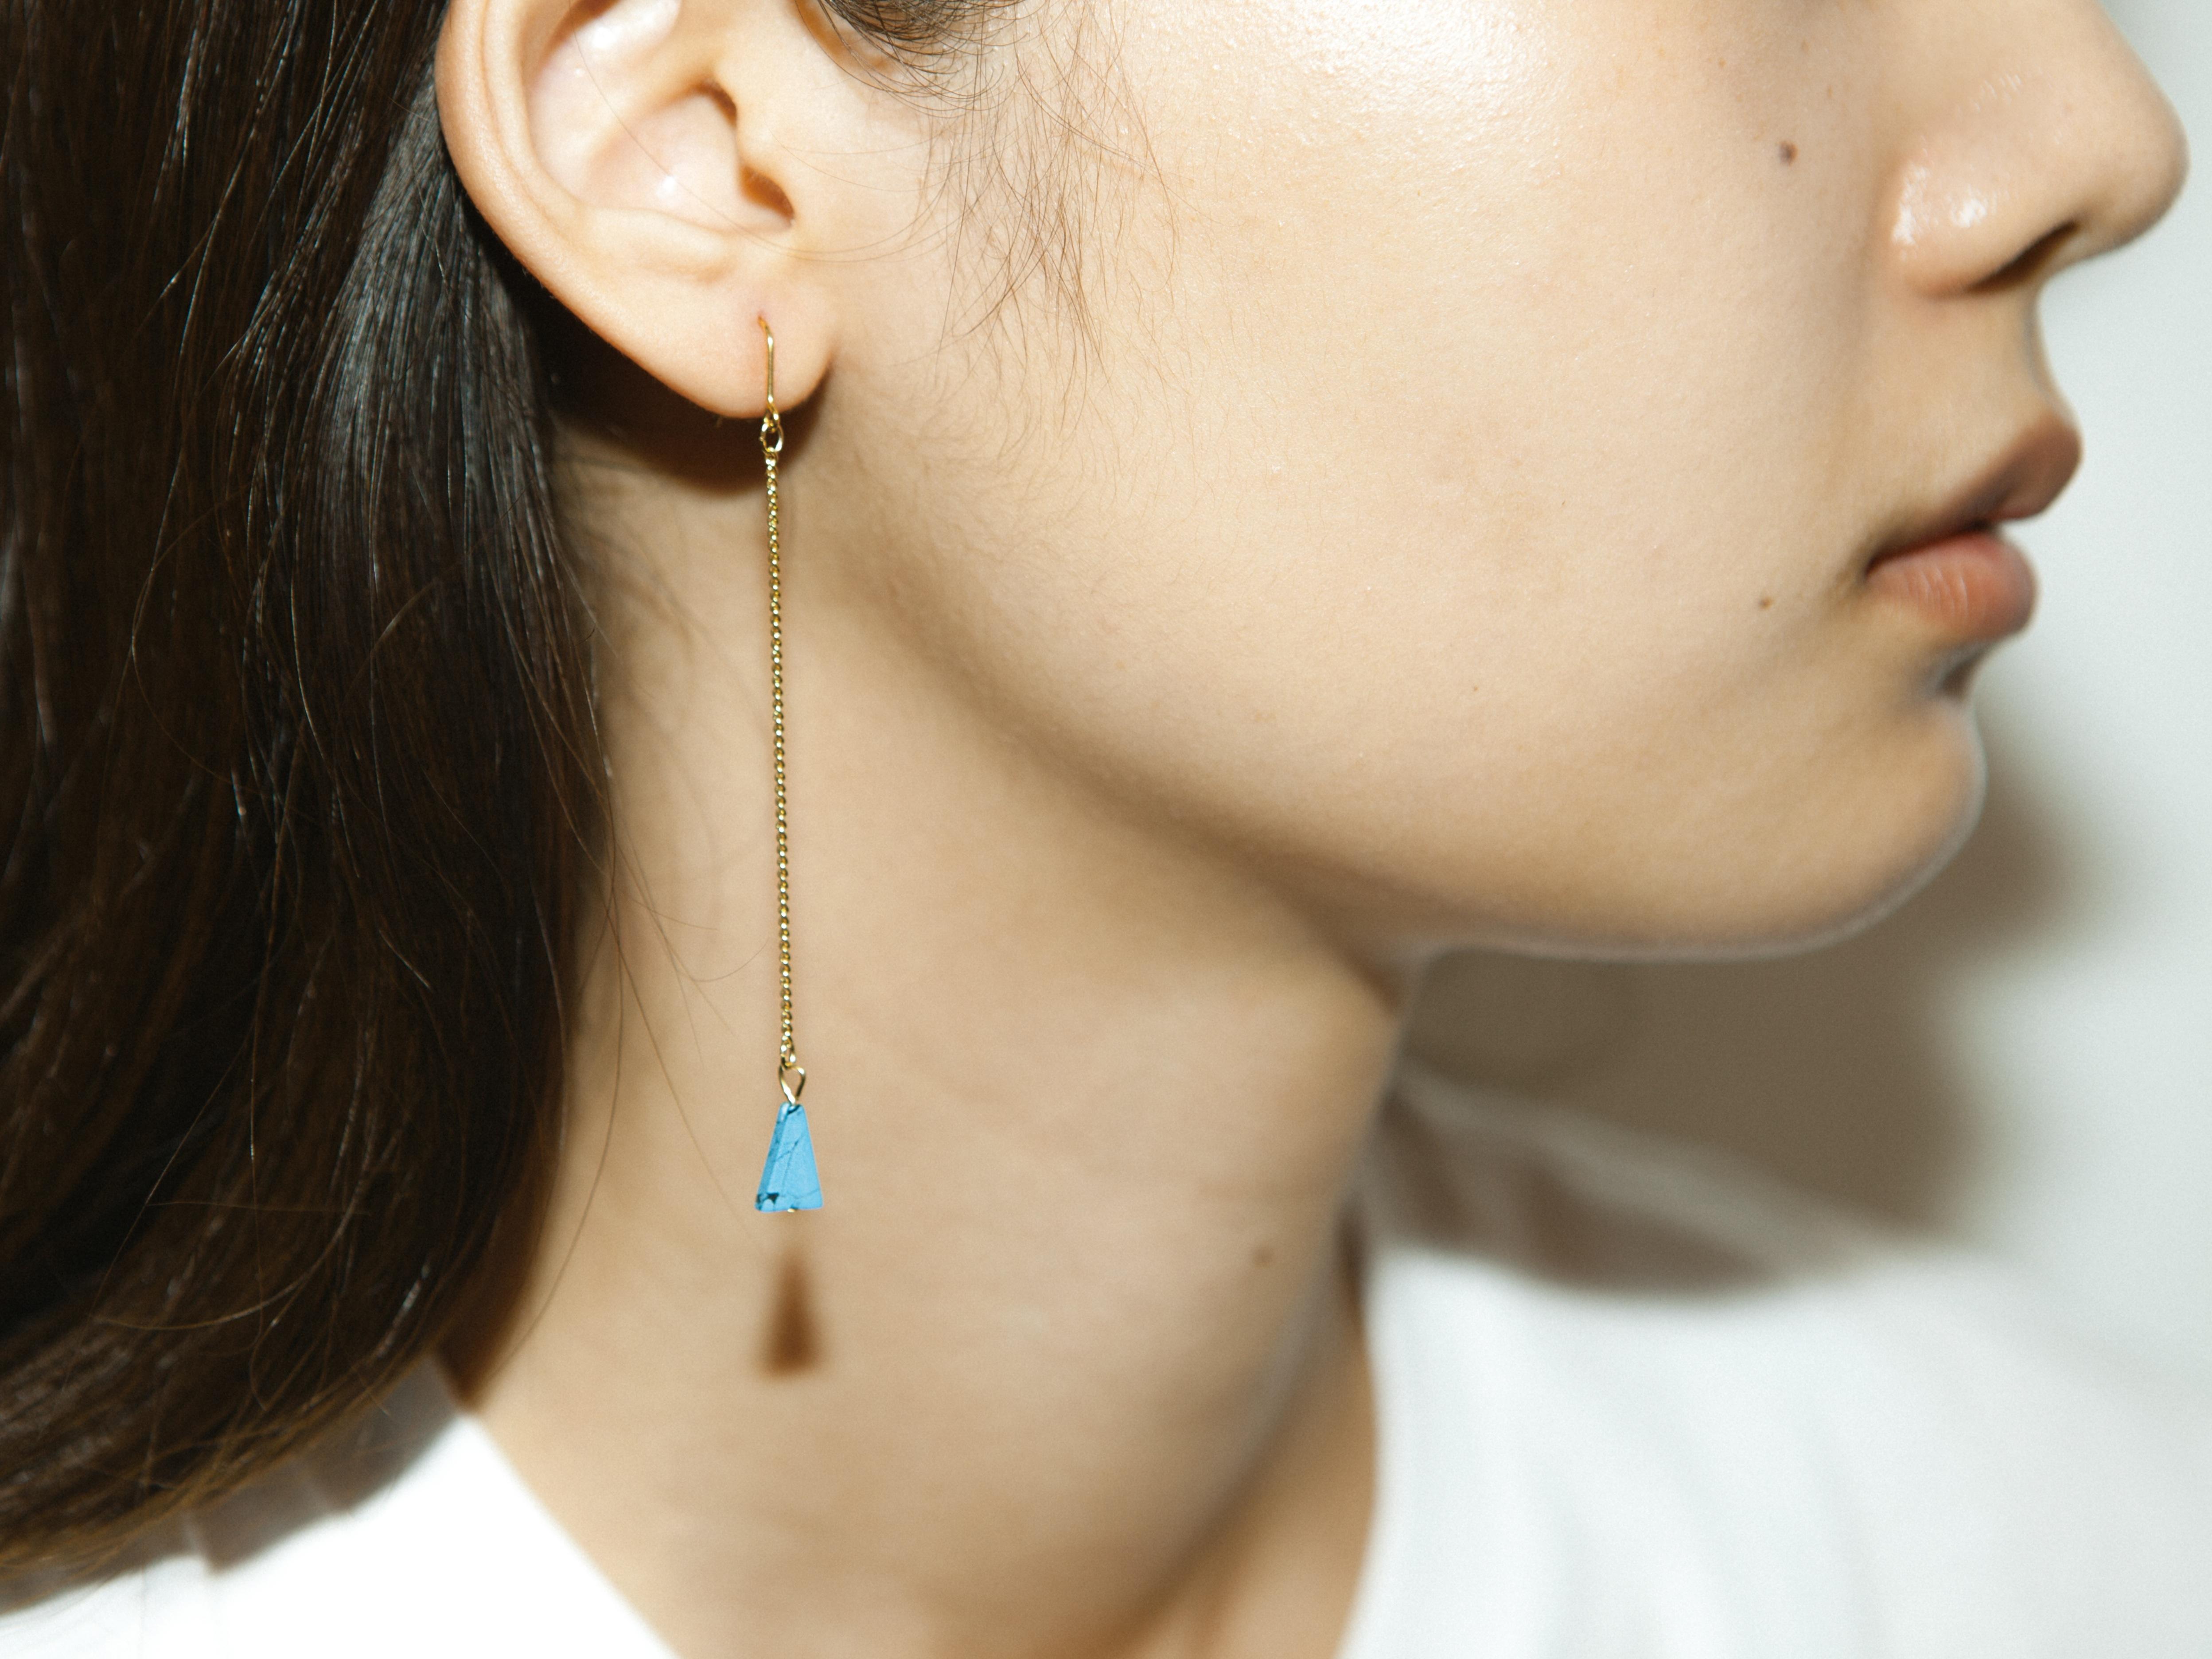 さんかく pierce/earring